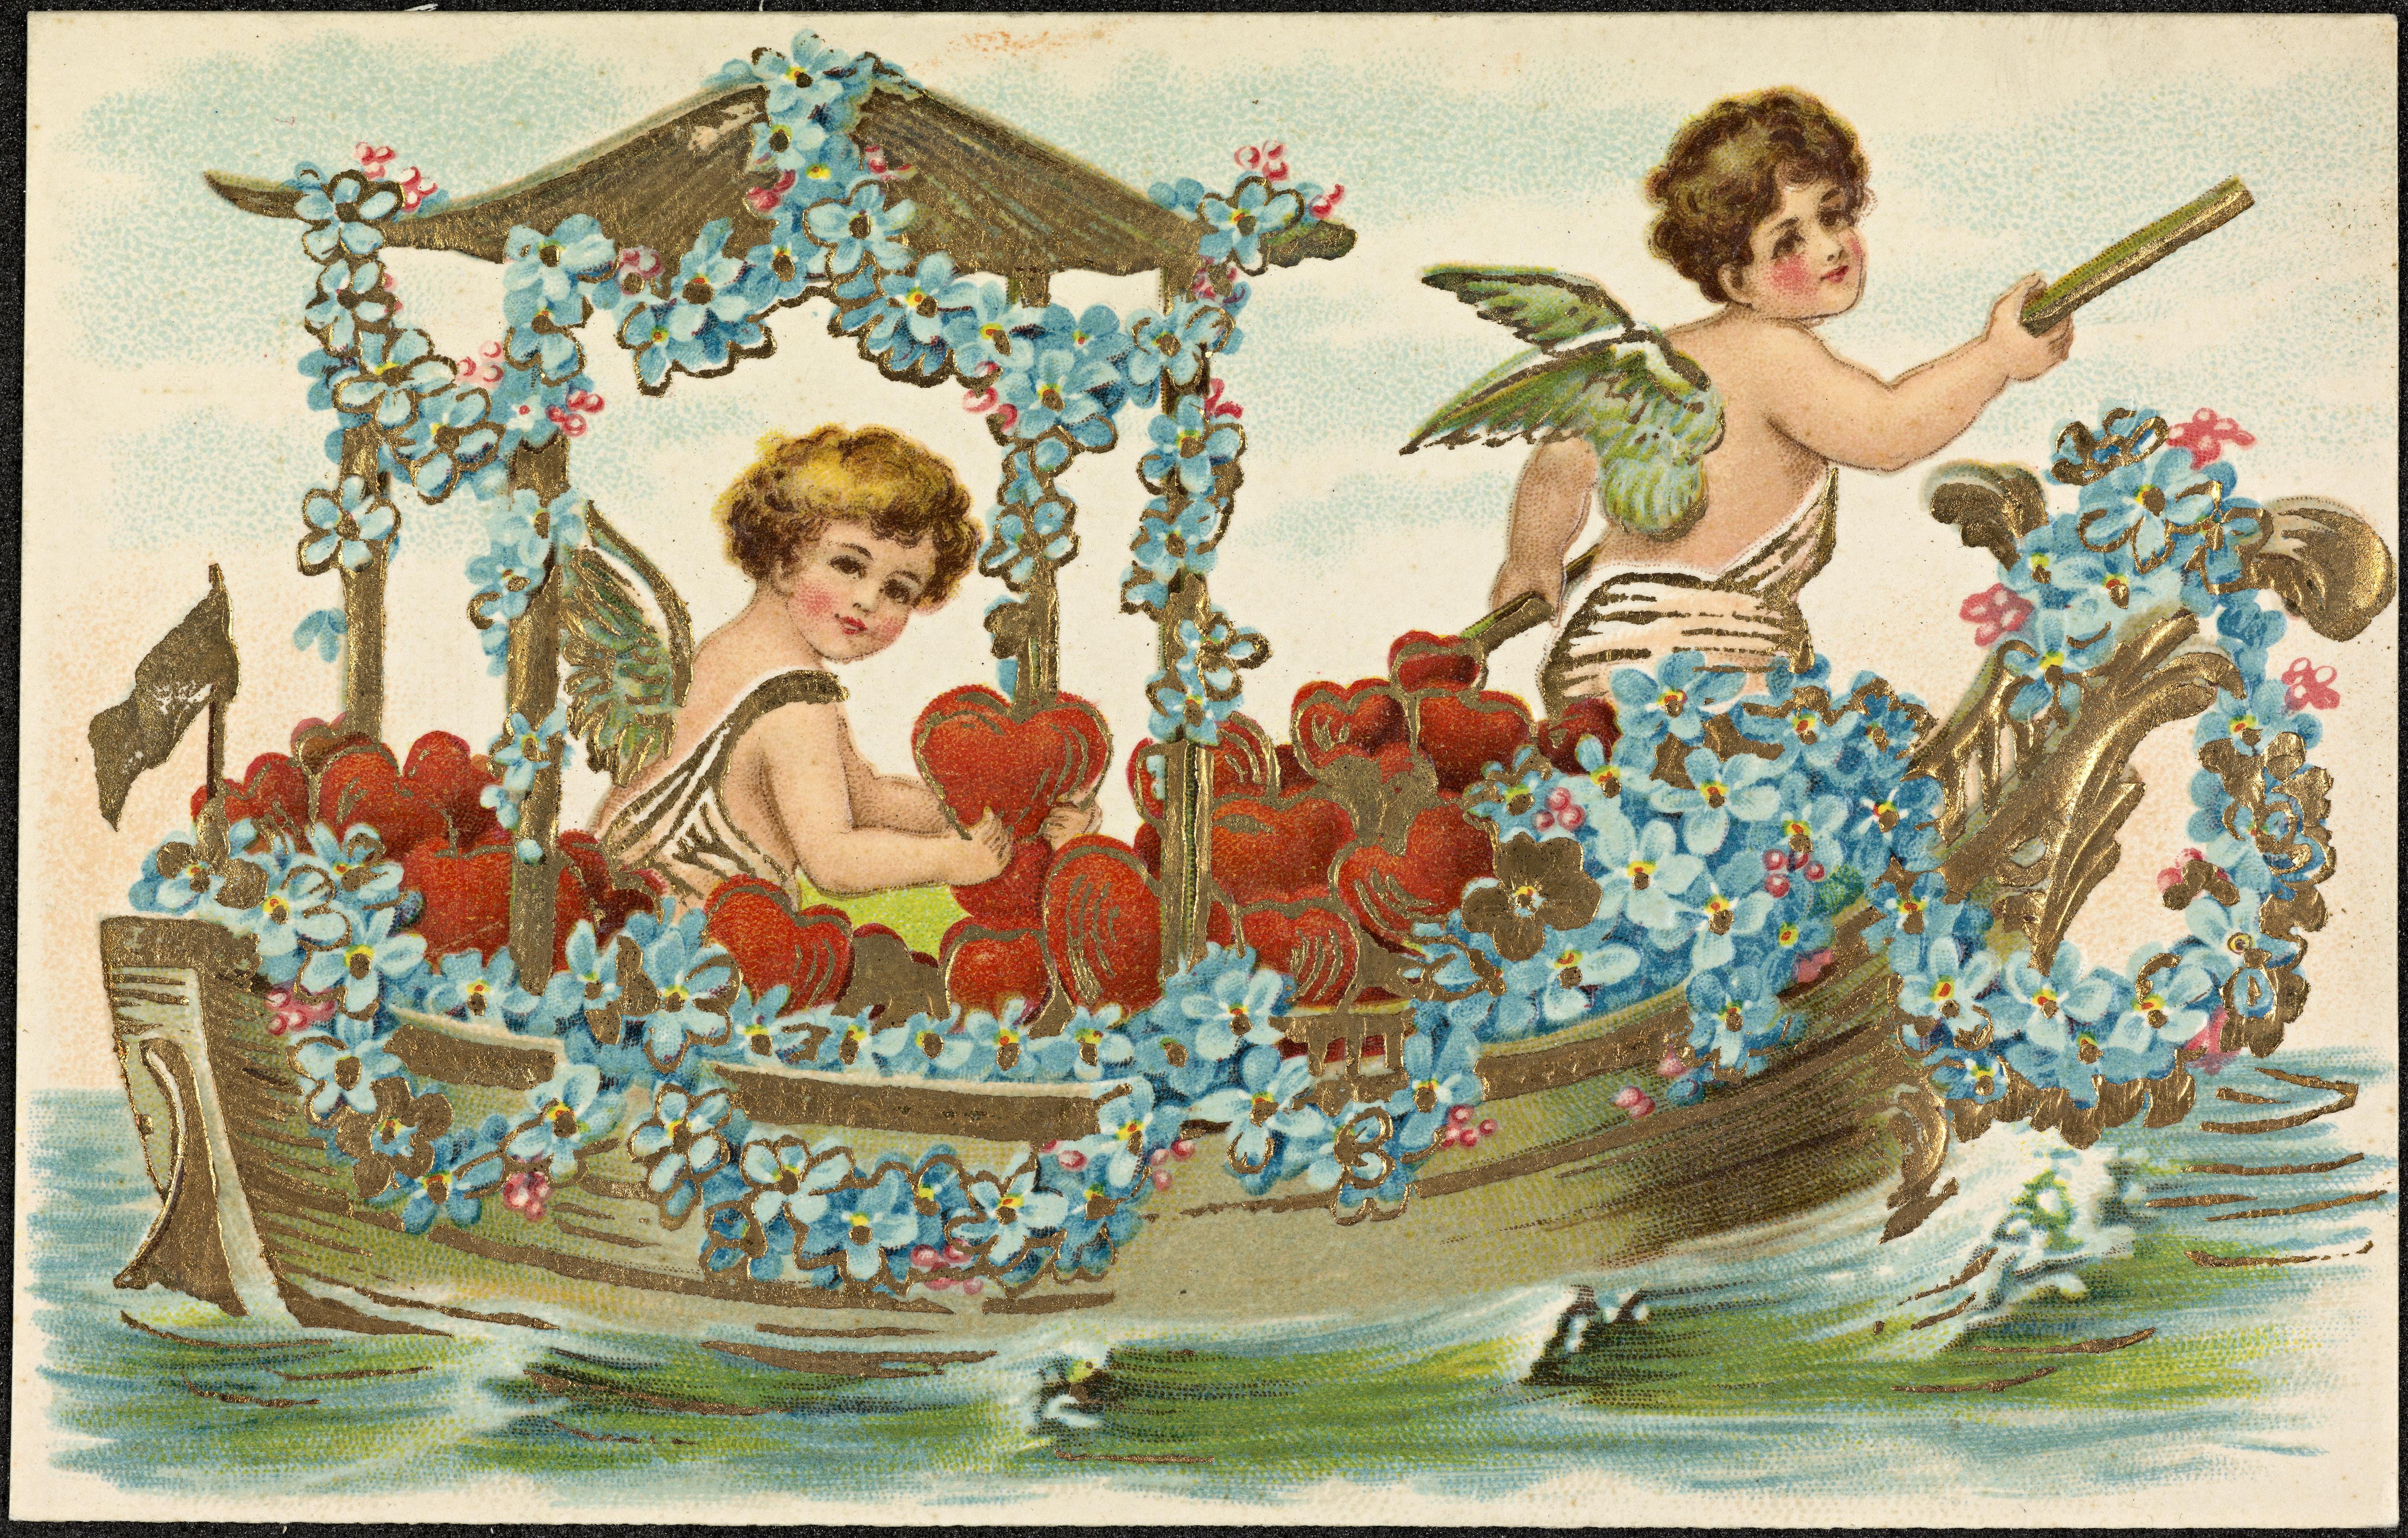 Disse to cupidofigurene i en båt fylt av hjerter og blomster, er delt av Nasjonalbiblioteket. Det er ukjent når de er fra.